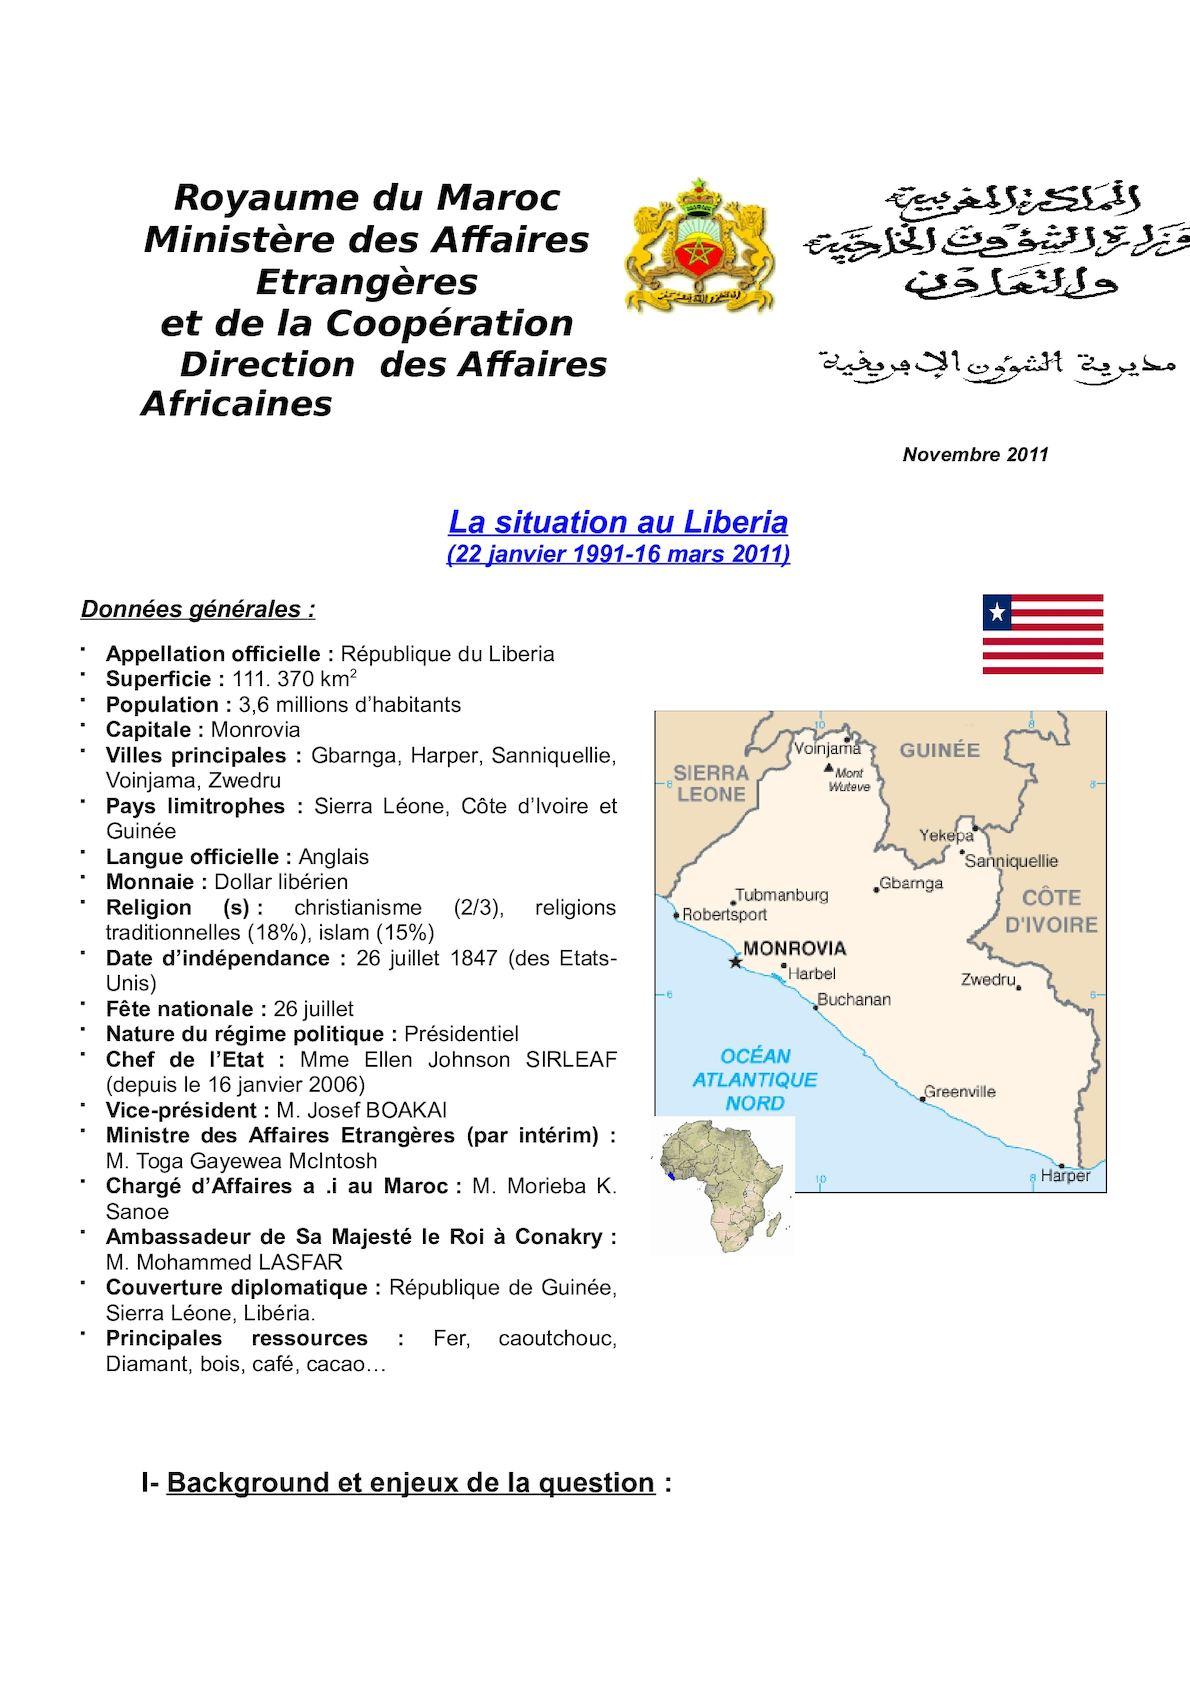 Situation Au Liberia